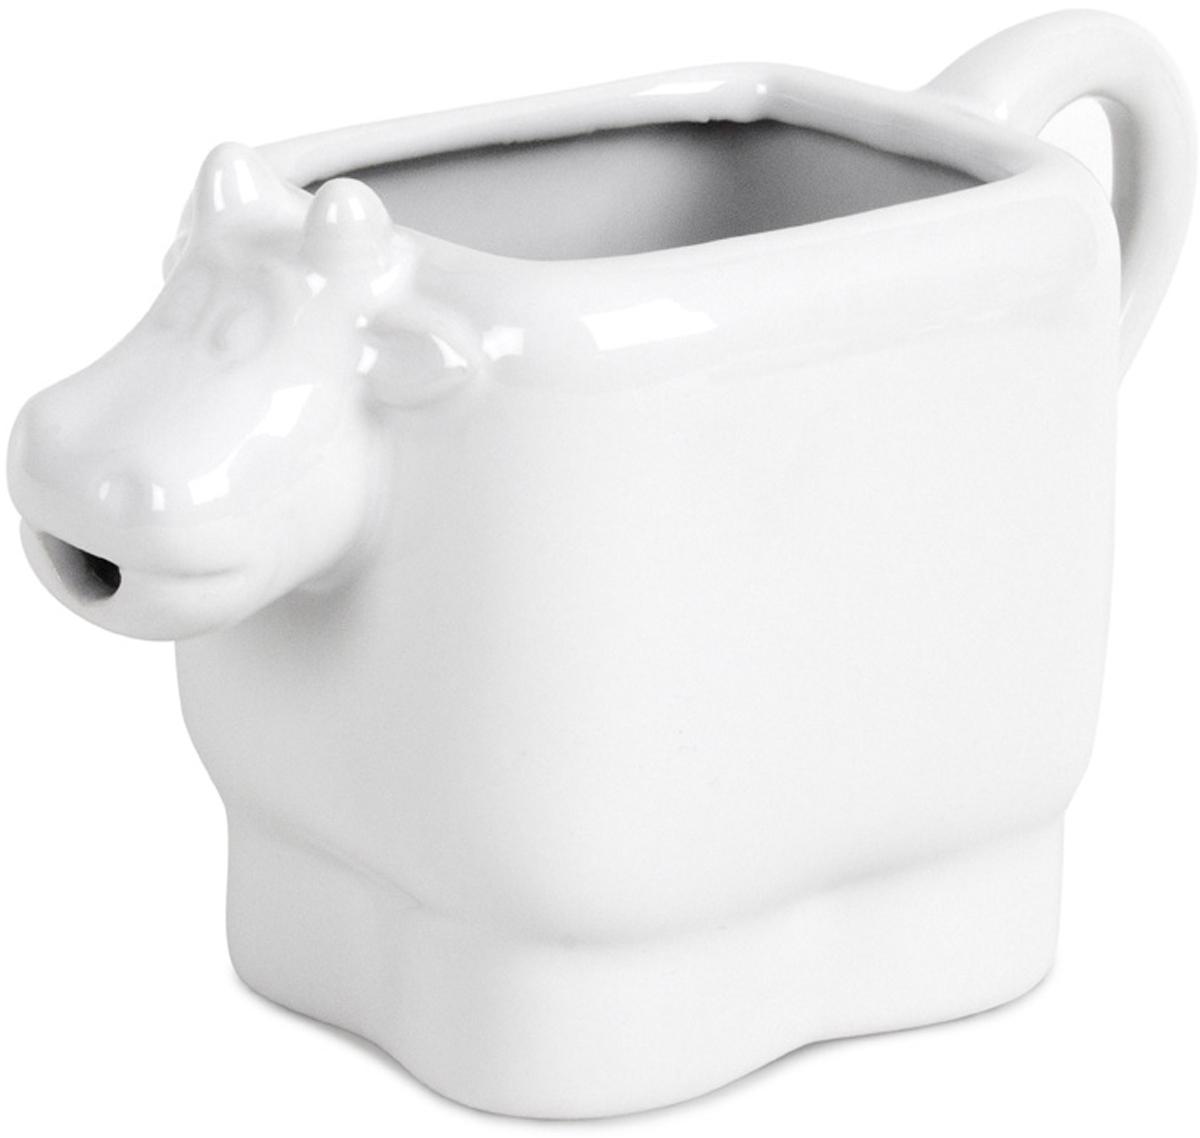 Молочник Balvi Moo, цвет: белый115510Стильный и оригинальный керамический молочник в виде милой коровы, станет настоящим украшением для любой кухни. Молочник очень прост в использовании, и благодаря удобному носику молоко никогда не будет разливаться. Молочник не требует особого ухода, его достаточно промыть под теплой водой с добавлением моющего средства после использования. Молочник станет прекрасным украшением обеденного стола, а ваши дети будут в восторге от его внешнего вида. Позитивный и яркий дизайн заставит ваших детей пить молоко каждый день!-Позитивный и оригинальный дизайн в виде милой коровы-Изготовлен из белоснежной керамики-Специальный носик для выливания молока -Легко моется под струей теплой воды